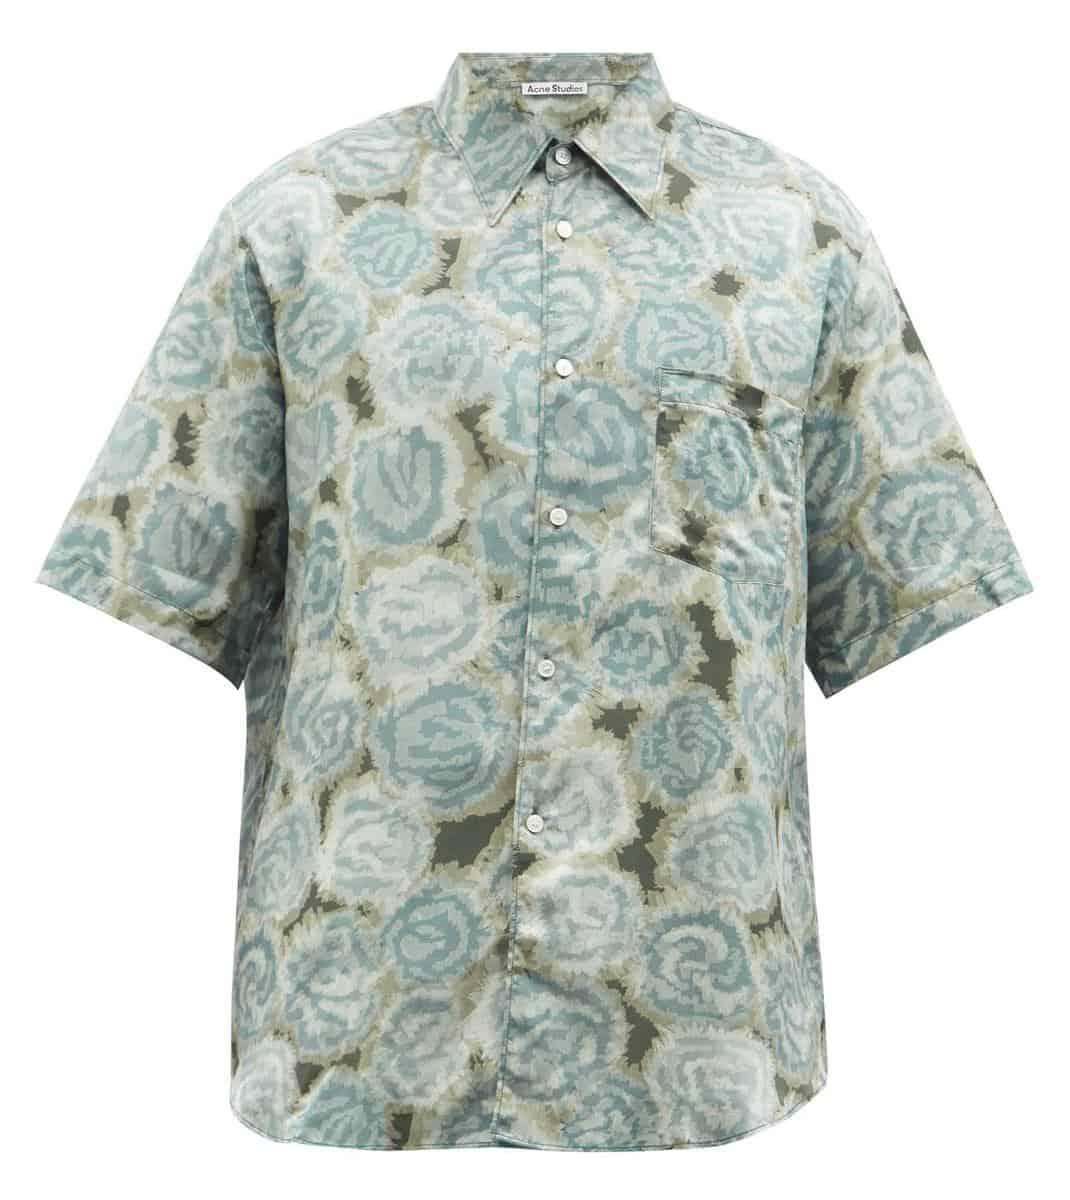 Acne Studios Sale Floral Print Shirt